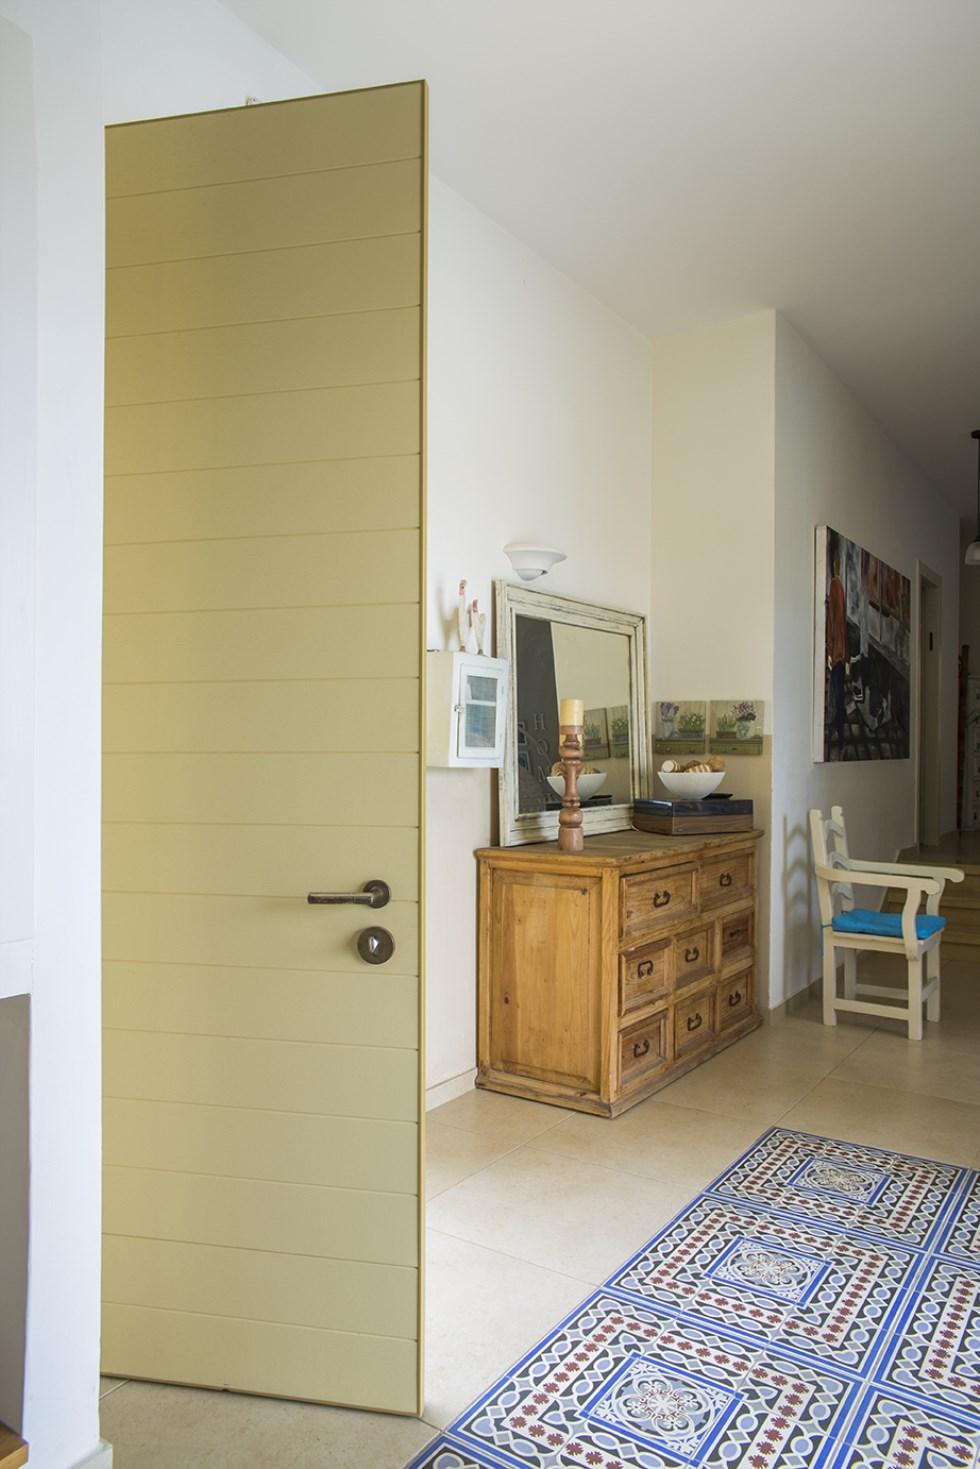 דלתות רשפים, צלם: עידן גור